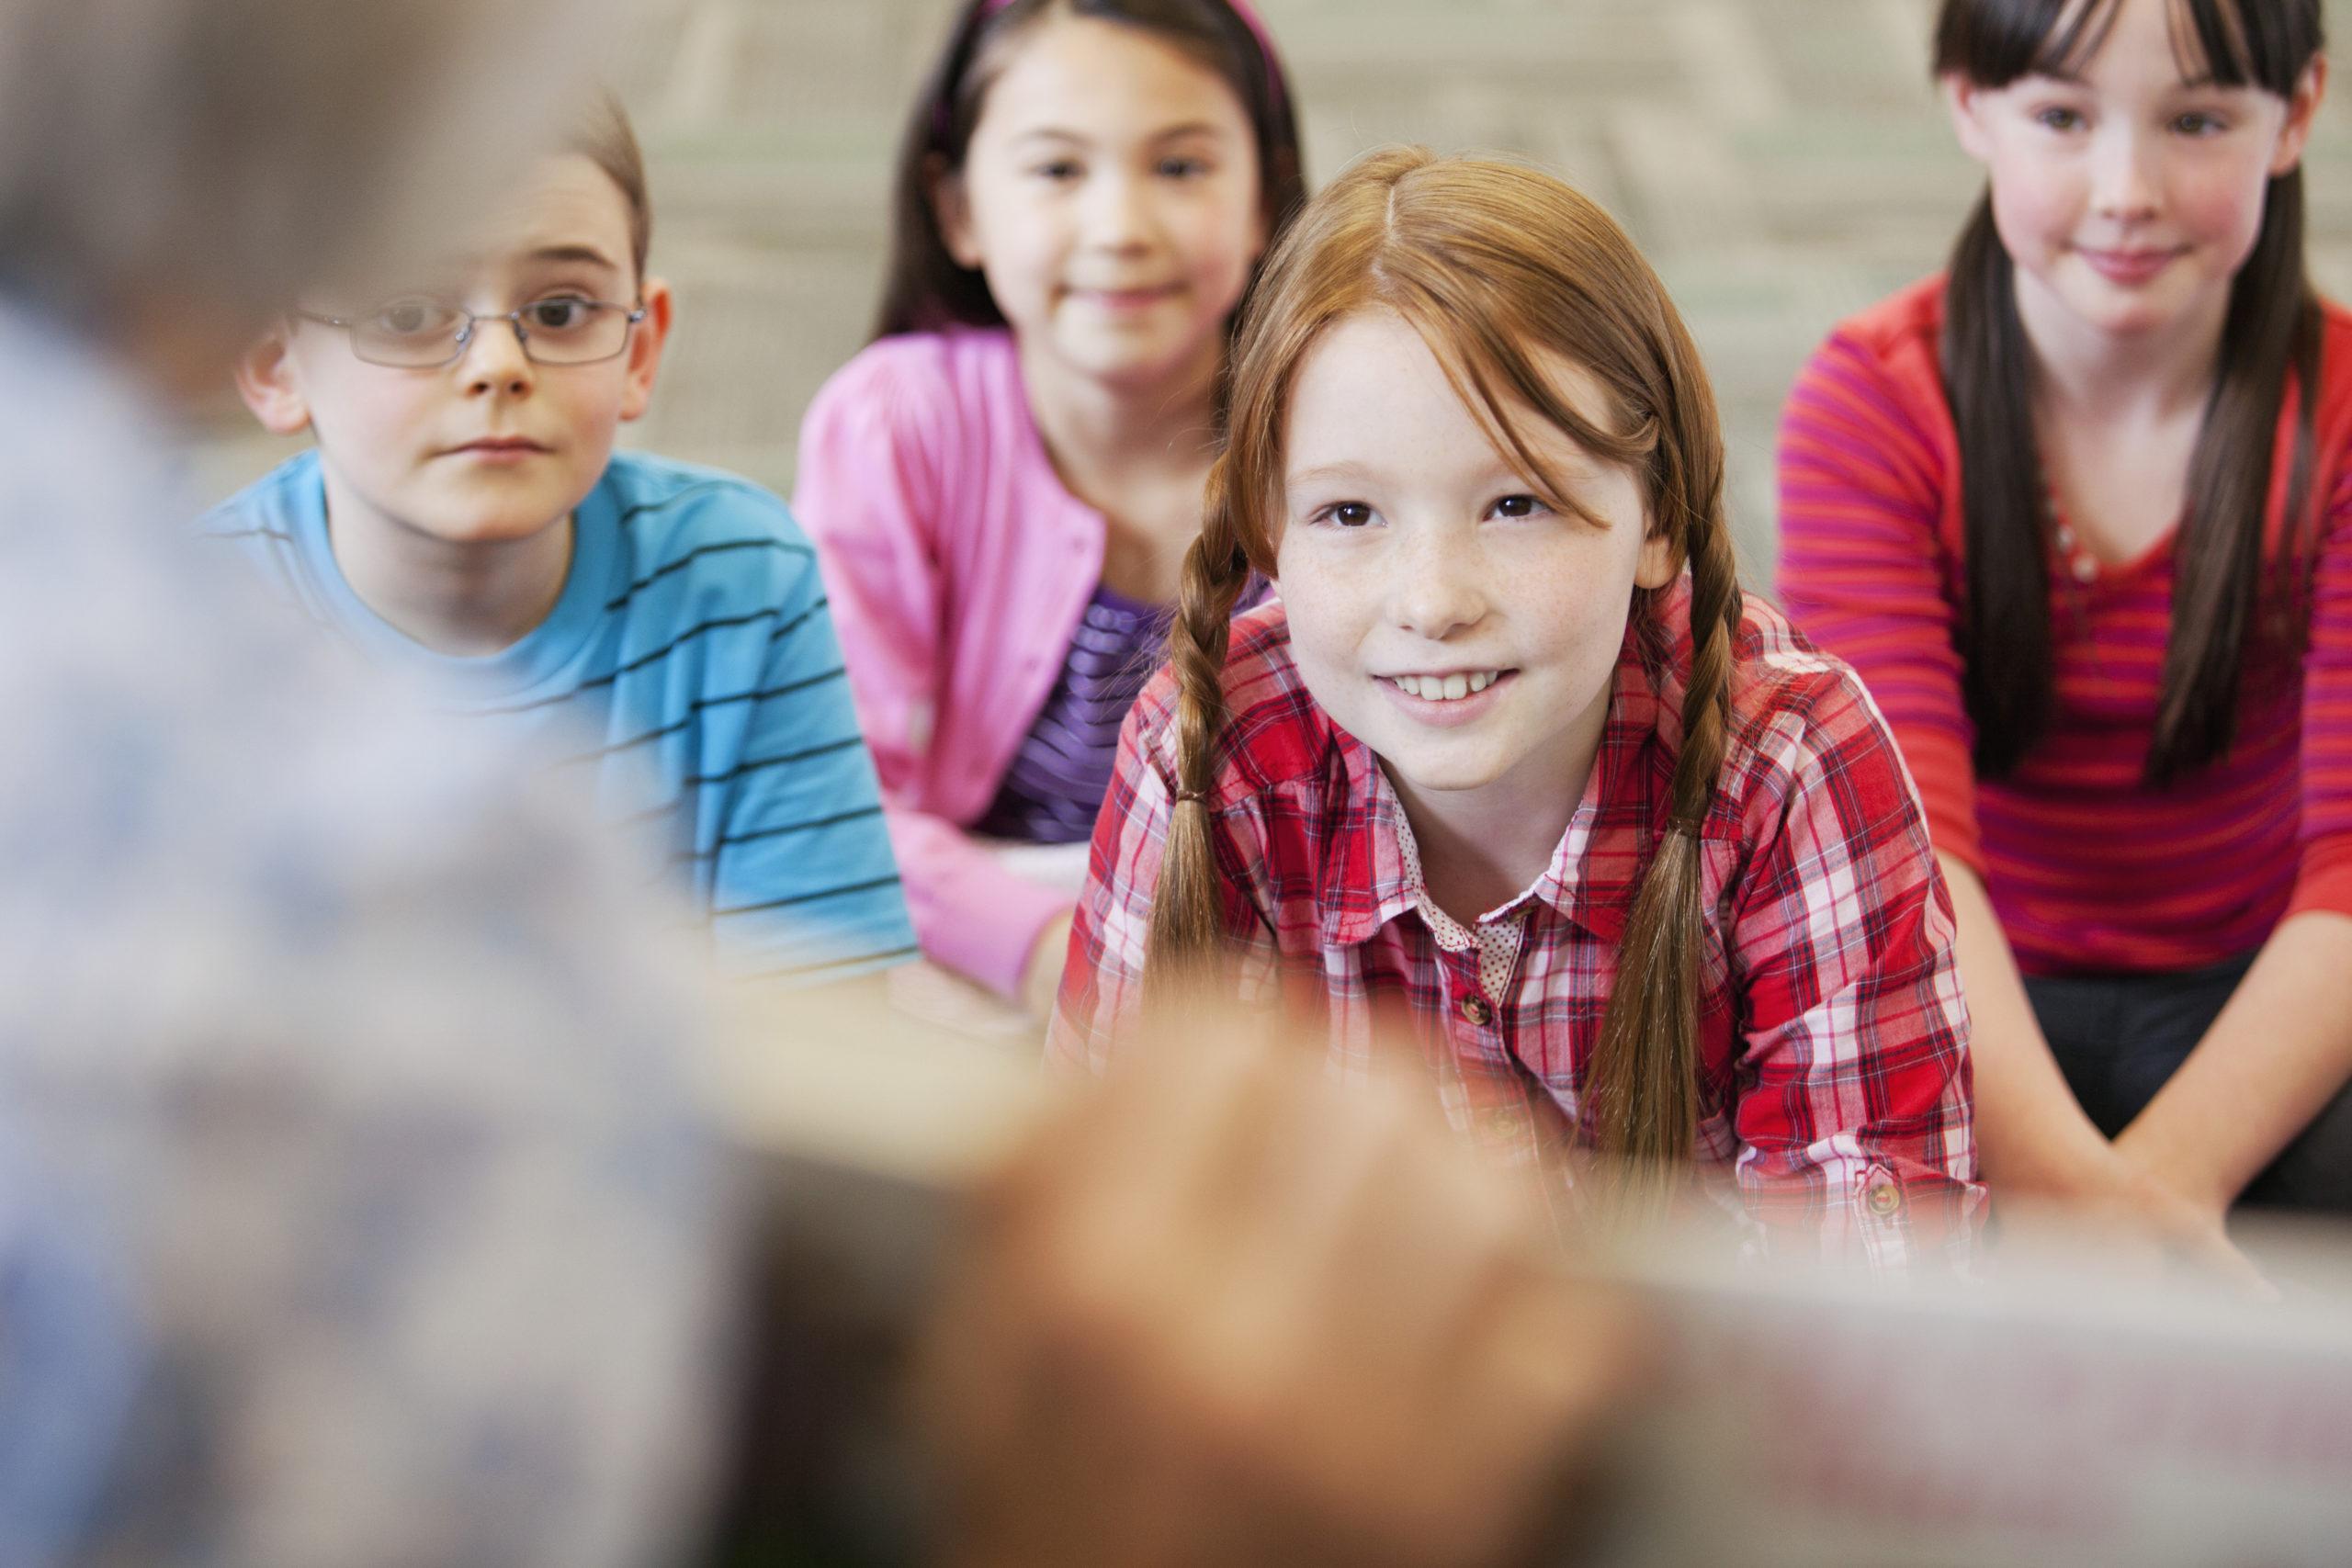 La co-construction du langage avec le jeune enfant sourd – Visioconférence